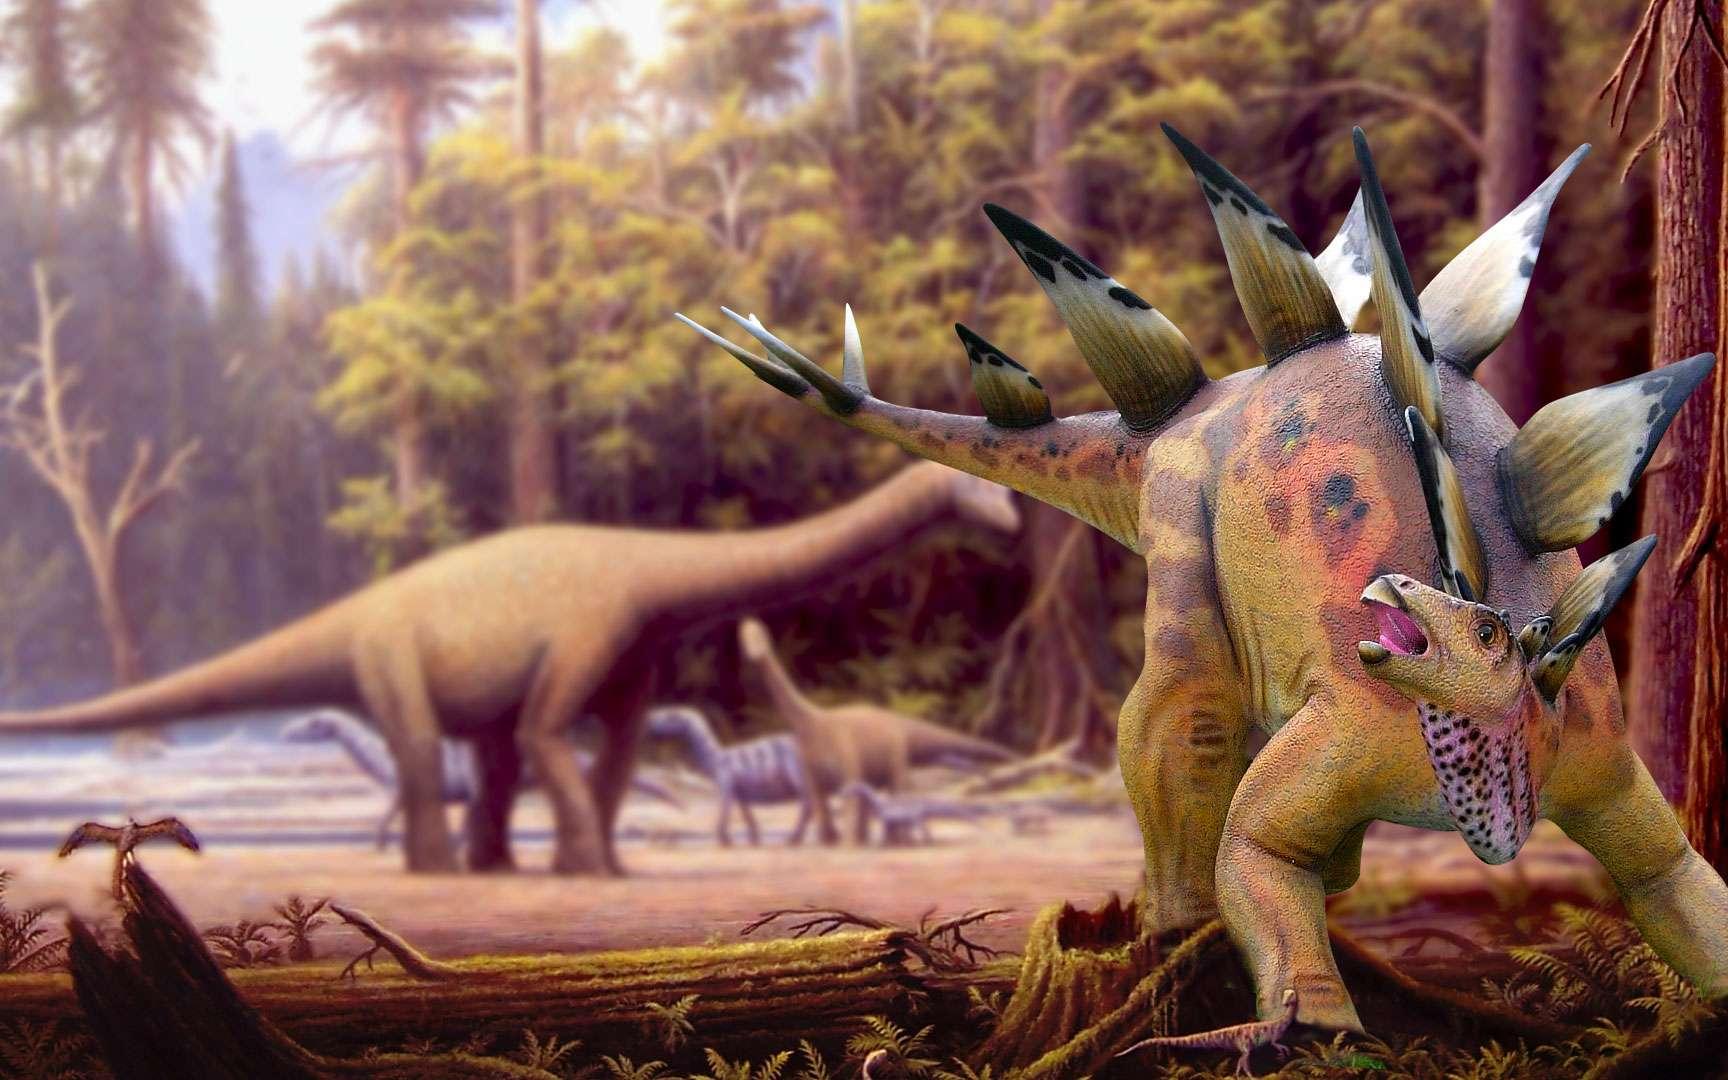 Albertosaurus - squelette. Albertosaurus (ce qui signifie « lézard de l'Alberta ») est un genre de dinosaure théropode de la famille des tyrannosauridés qui vivait dans l'Ouest de l'Amérique du Nord au début du Maastrichtien (Crétacé supérieur), il y a 73 à 70 millions d'années. L'espèce type, A. sarcophagus, décrite par Osborn en 1905, semble n'avoir vécu que dans l'actuelle province canadienne de l'Alberta, qui a donné son nom au genre de l'animal. Les scientifiques sont en désaccord sur les espèces appartenant au genre, quelques-uns considérant Gorgosaurus libratus comme une seconde espèce du genre. Comme les autres tyrannosauridés, Albertosaurus était un prédateur bipède doté de petites pattes avant, terminées par deux doigts et avait une tête massive aux mâchoires garnies des dizaines de grandes dents pointues. Carnivore, il semble avoir été au sommet de la chaîne alimentaire dans son écosystème local. Bien que de taille relativement importante pour un théropode, Albertosaurus était beaucoup plus petit que le plus célèbre de ses cousins, Tyrannosaurus, et pesait sans doute moins de deux tonnes. Depuis la première découverte en 1884, des fossiles de plus de trente individus ont été récupérés, permettant aux scientifiques d'avoir une connaissance de son anatomie beaucoup plus approfondie que pour la plupart des autres tyrannosauridés. La découverte de 22 individus sur un même site semble fournir une preuve de son mode de chasse en groupe et permet des études d'ontogénie et de biologie des populations qui sont impossibles sur les dinosaures moins connus. Albertosaurus était beaucoup moins gros que les gigantesques tyrannosauridés comme Tarbosaurus et Tyrannosaurus. La plupart des adultes mesuraient jusqu'à 9 mètres de long, alors que de rares individus très âgés pouvaient dépasser 10 mètres. Plusieurs estimations pondérales indépendantes, obtenues par des méthodes différentes, suggèrent qu'un Albertosaurus adulte pesait entre 1,3 tonne et 1,7 tonne. Sa tête massiv